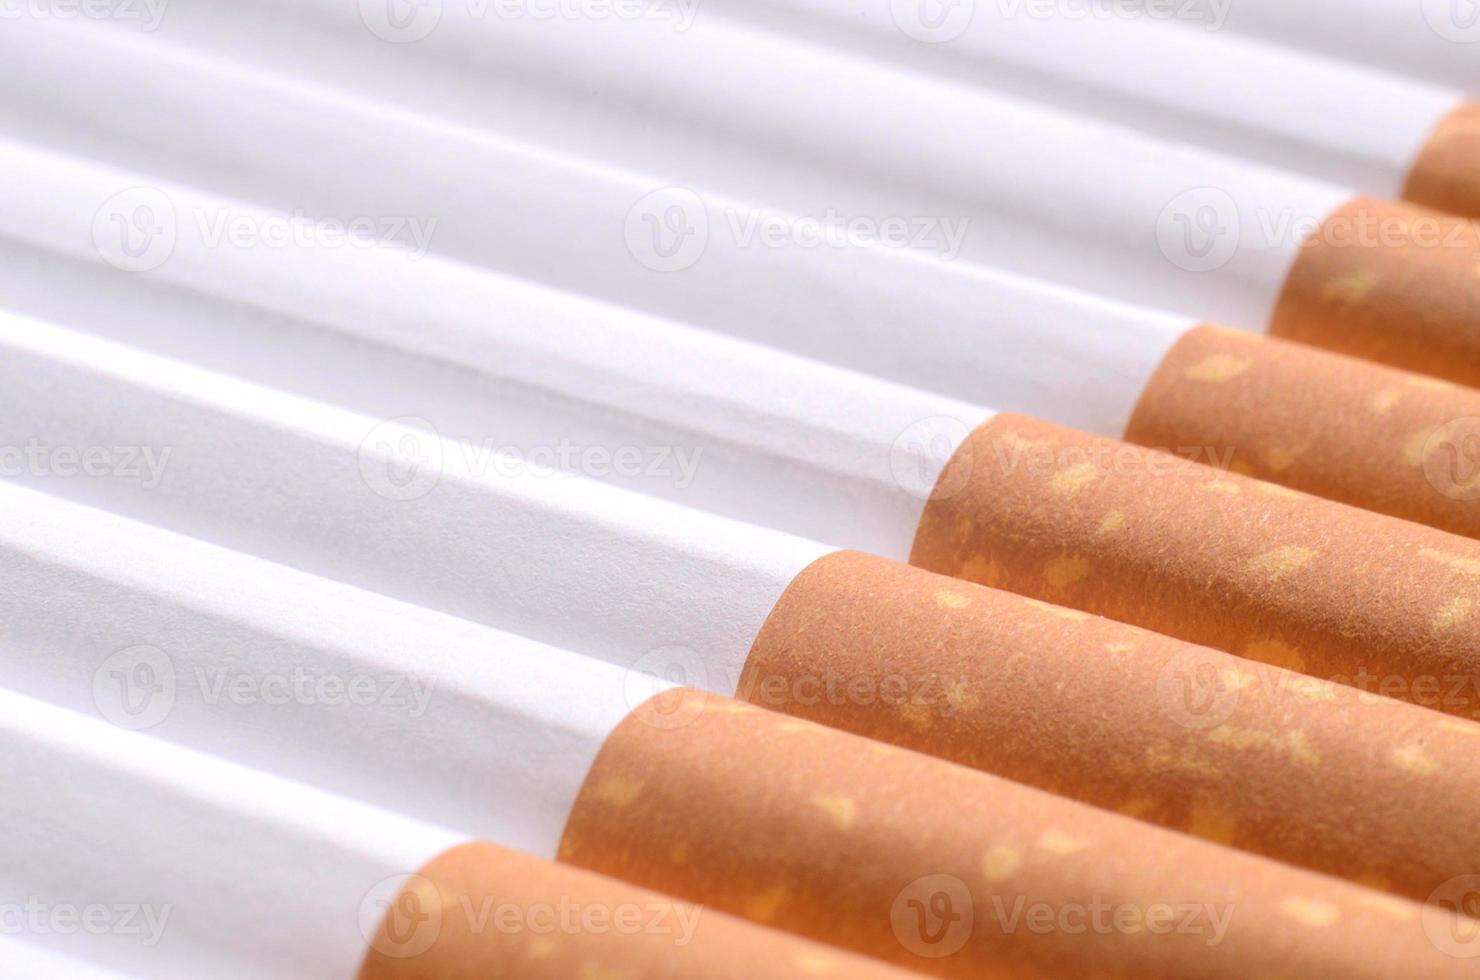 detalhe de cigarros com filtro foto